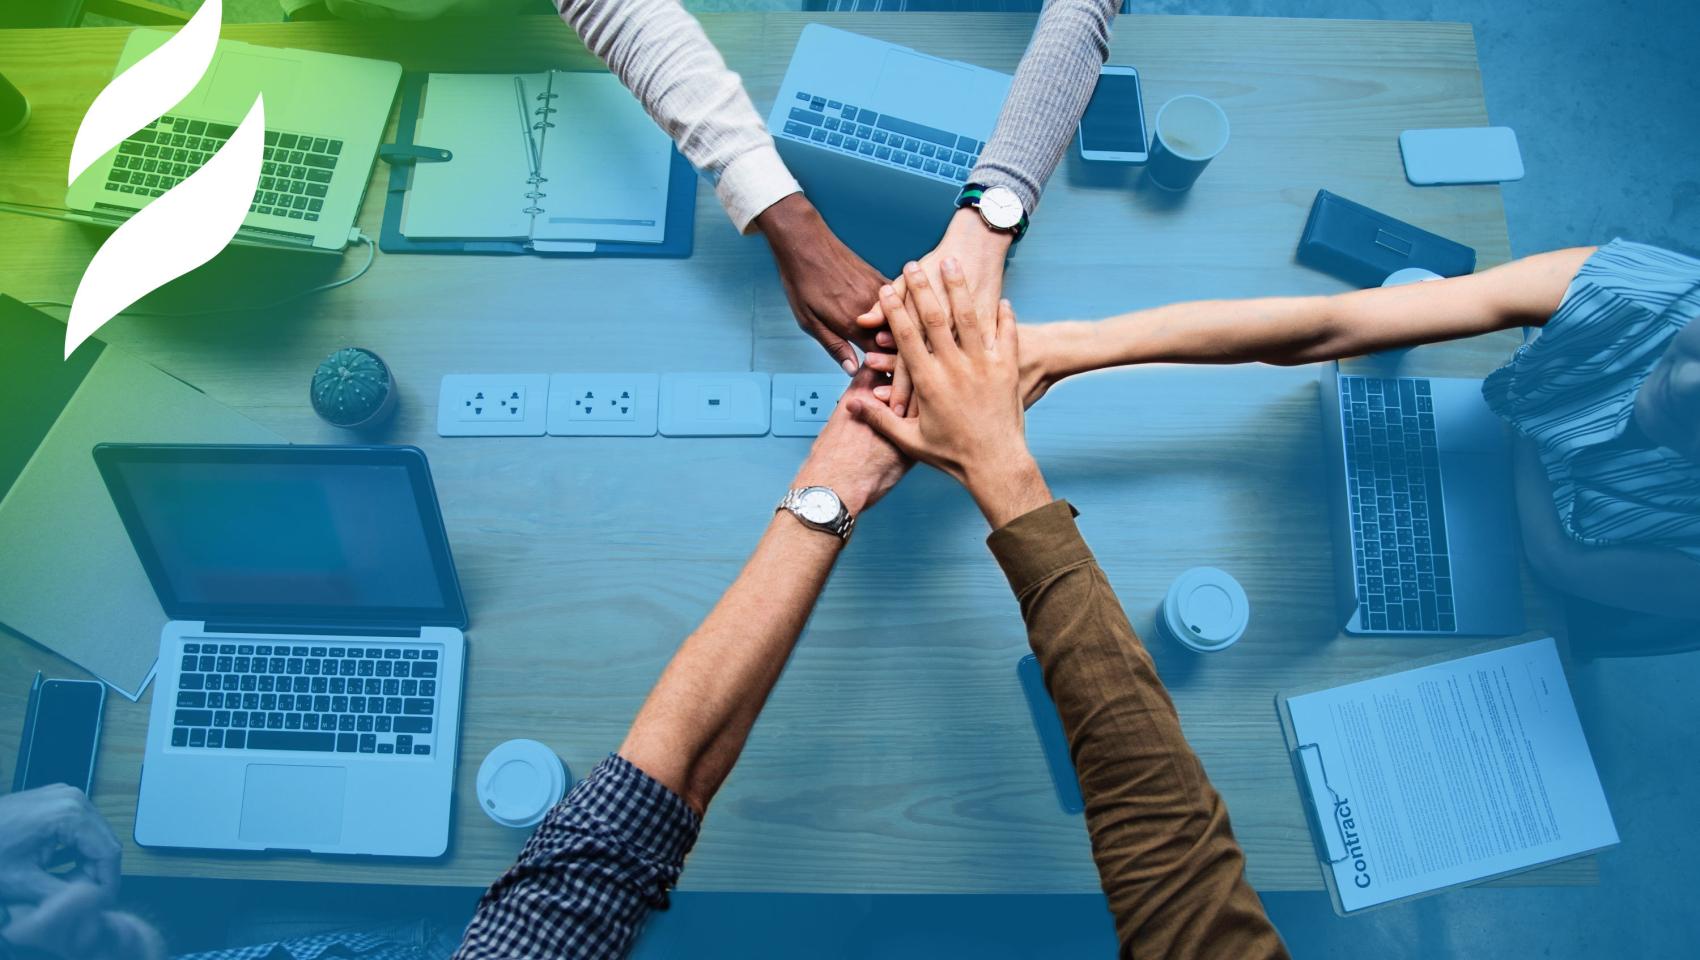 Мастер-класс для HR-ов и рекрутеров «Как стать другом для сотрудников и кандидатов» в Харькове